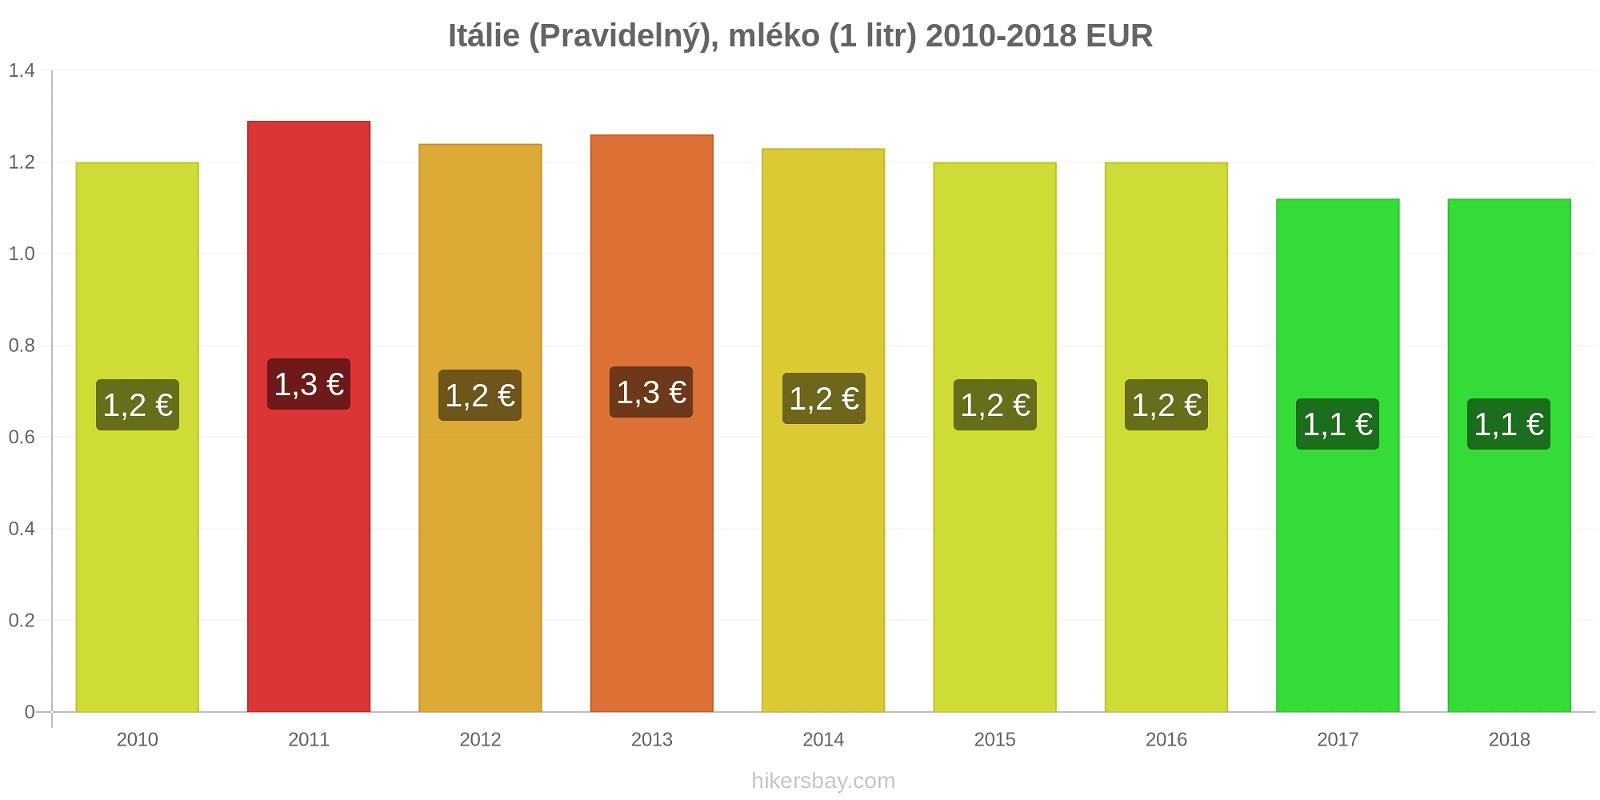 Itálie změny cen (Pravidelný), mléko (1 litr) hikersbay.com